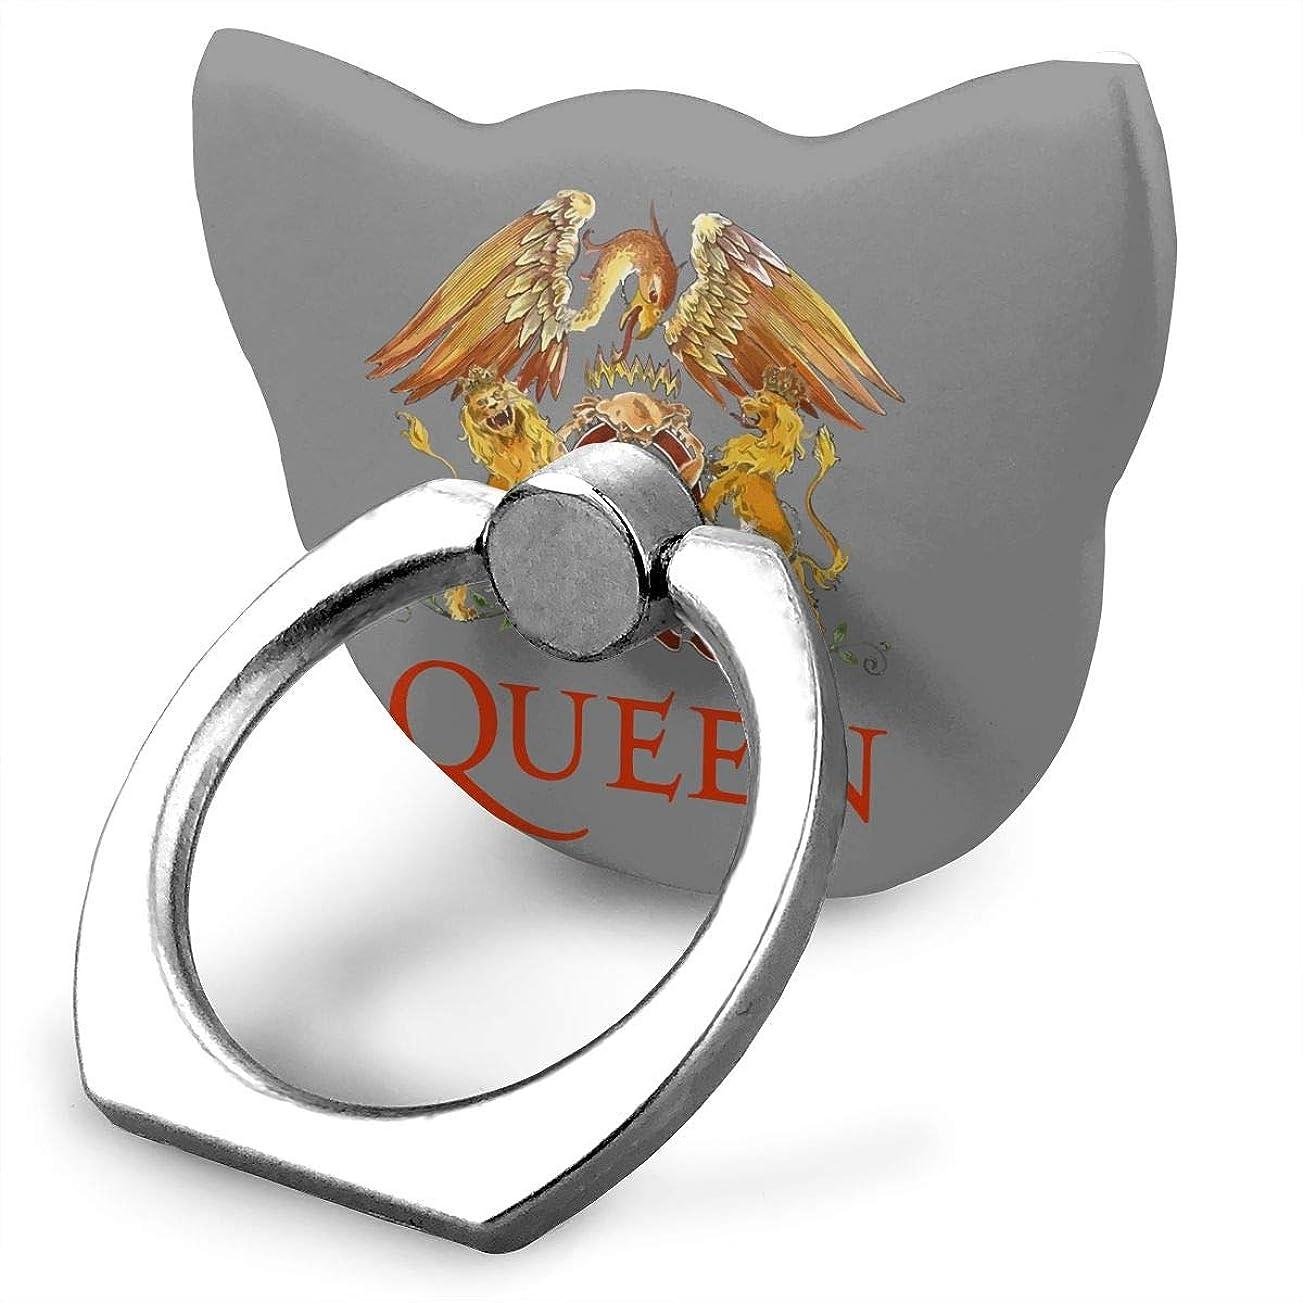 韓国カルシウム値下げクイーン Queen Band ロゴ スマホ リング ホールドリング 指輪リング 薄型 おしゃれ スタンド機能 落下防止 360度回転 タブレット/スマホ\r\n IPhone/Android各種他対応